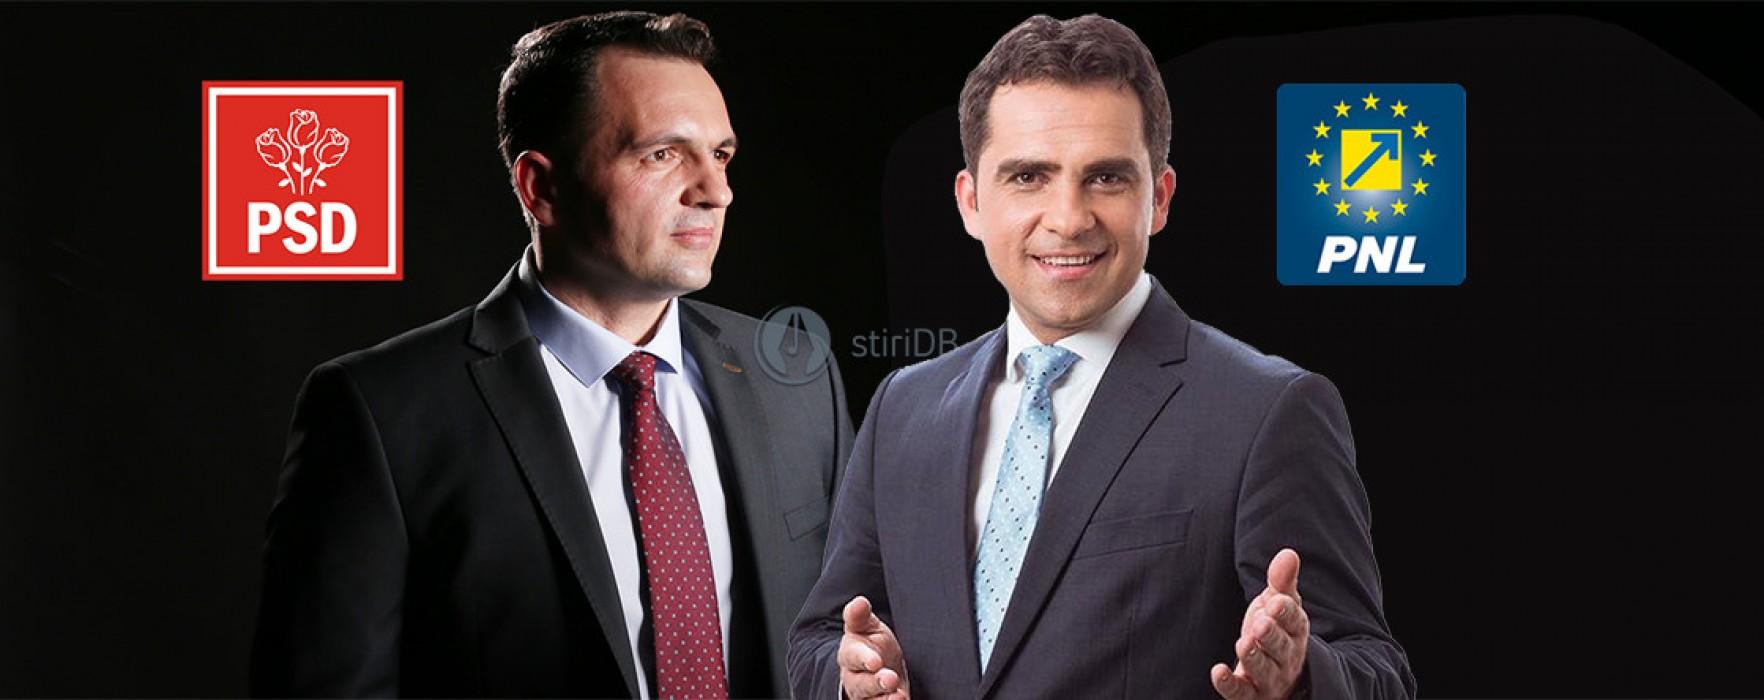 Târgovişte: C. Prisăcaru (PNL): Îl provoc pe contracandidatul meu la dezbatere / C. Stan (PSD): Vin, dar la o televiziune